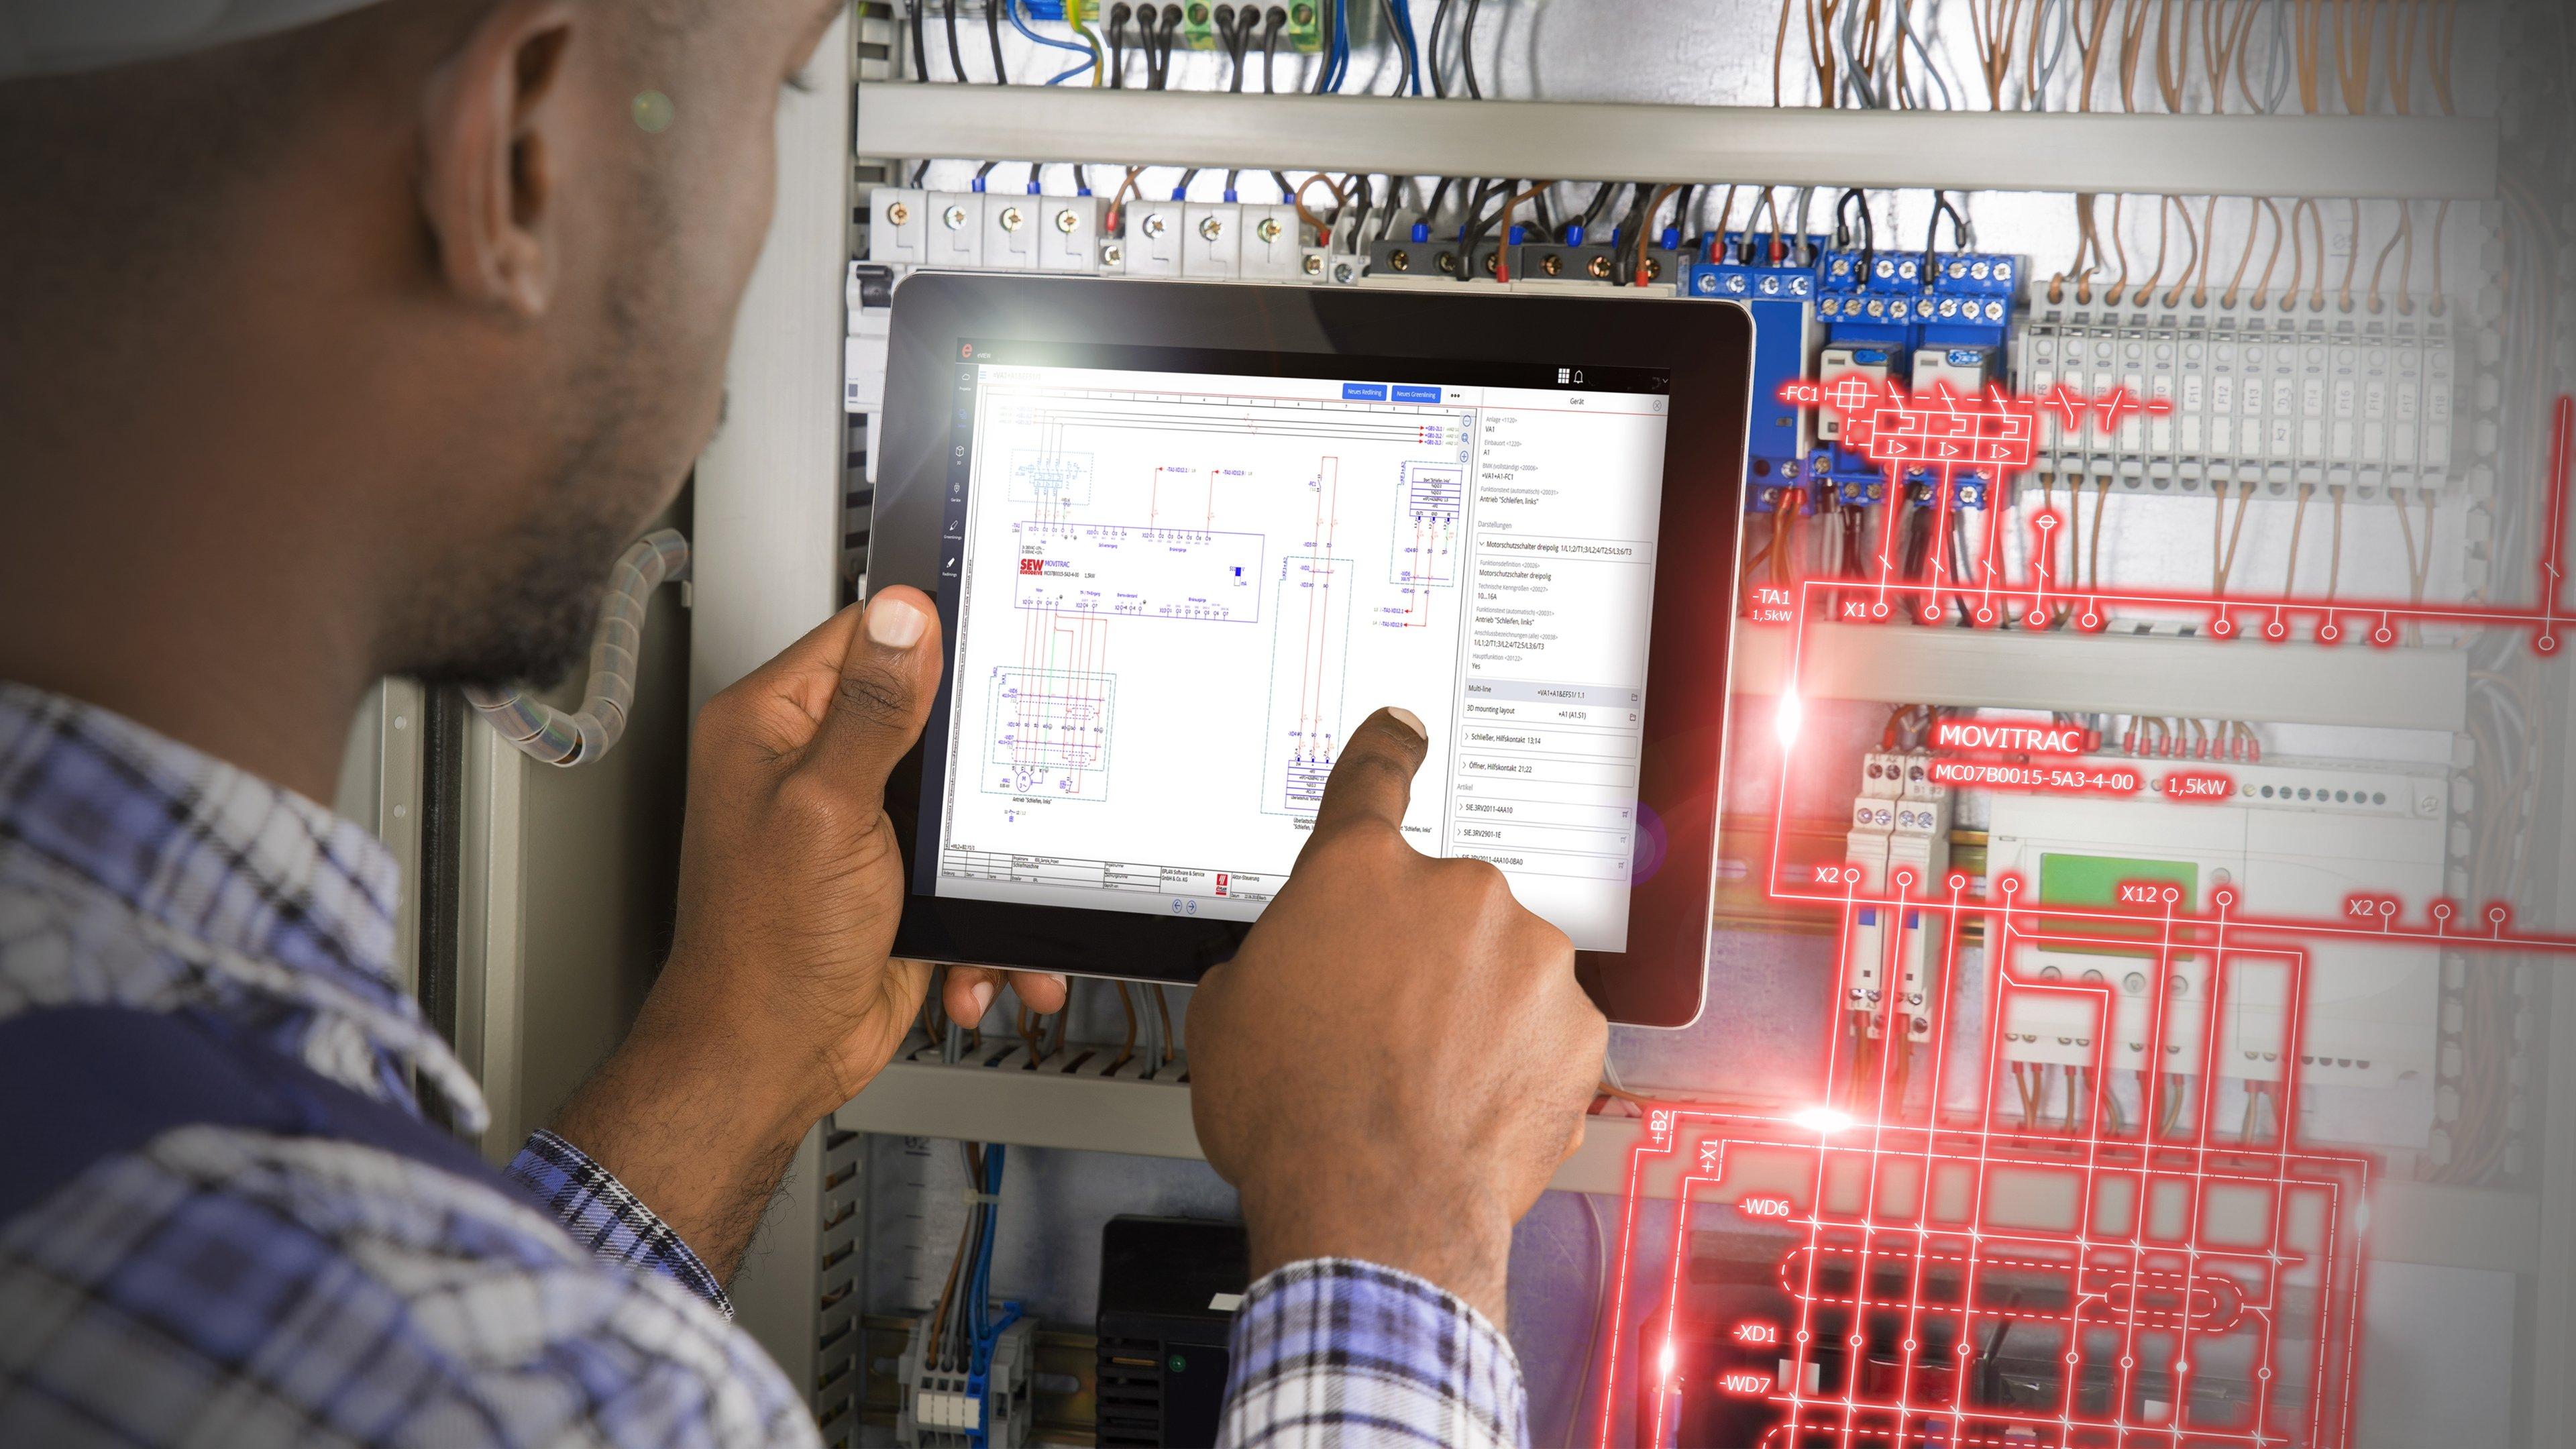 Mit Eplan eView können Monteure vor Ort Änderungen und Kommentare ver-merken, die der zuständige und änderungsberechtigte Elektrokonstrukteur in das Eplan Projekt einarbeitet.